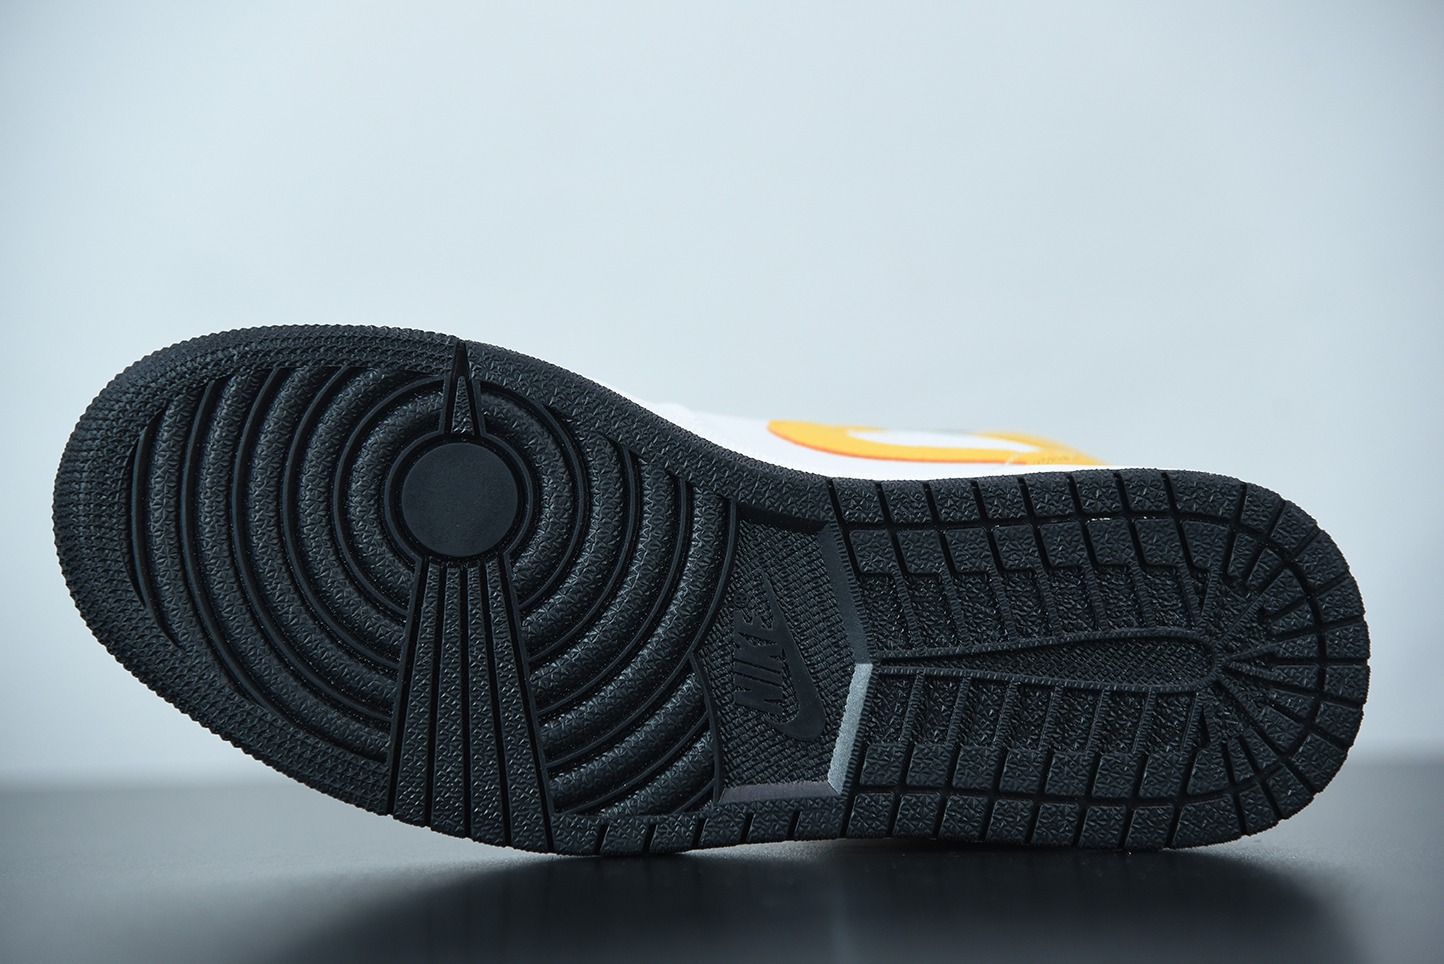 乔丹Air Jordan 1 Mid白黄中邦篮球鞋纯原版本 货号:554724-170